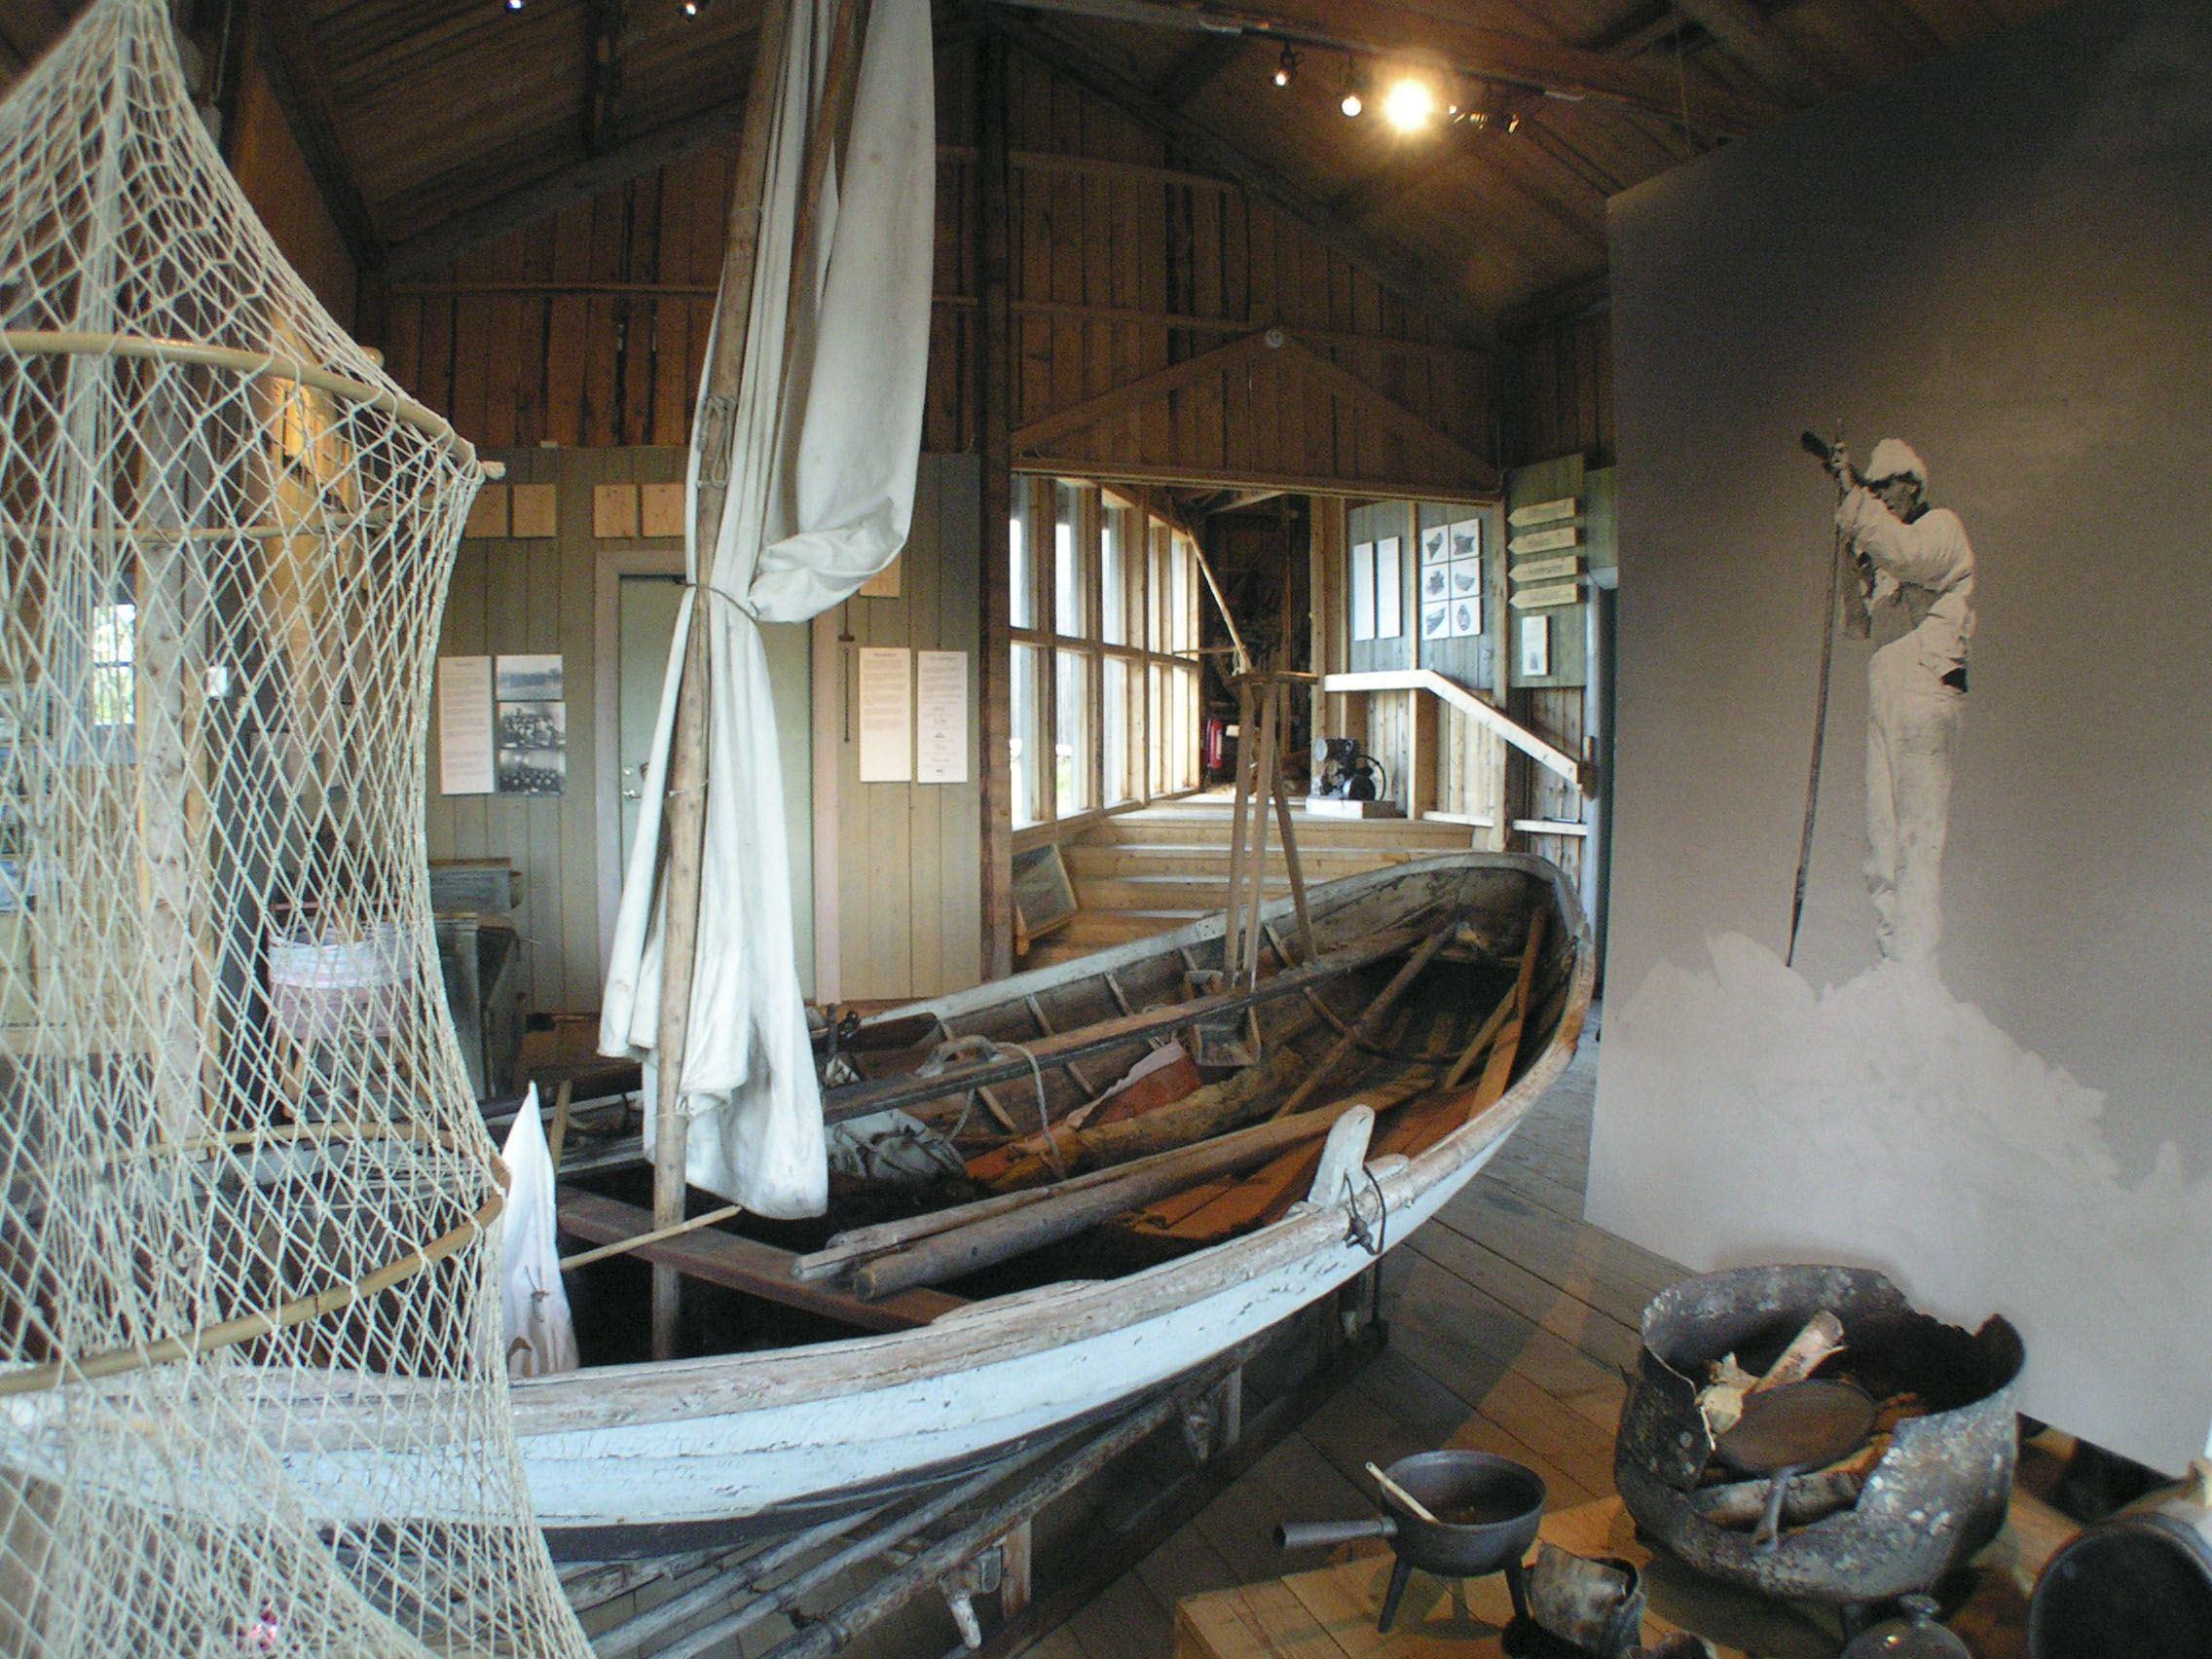 Umeå turistbyrå,  © Umeå turistbyrå, Holmöns Bootmuseum